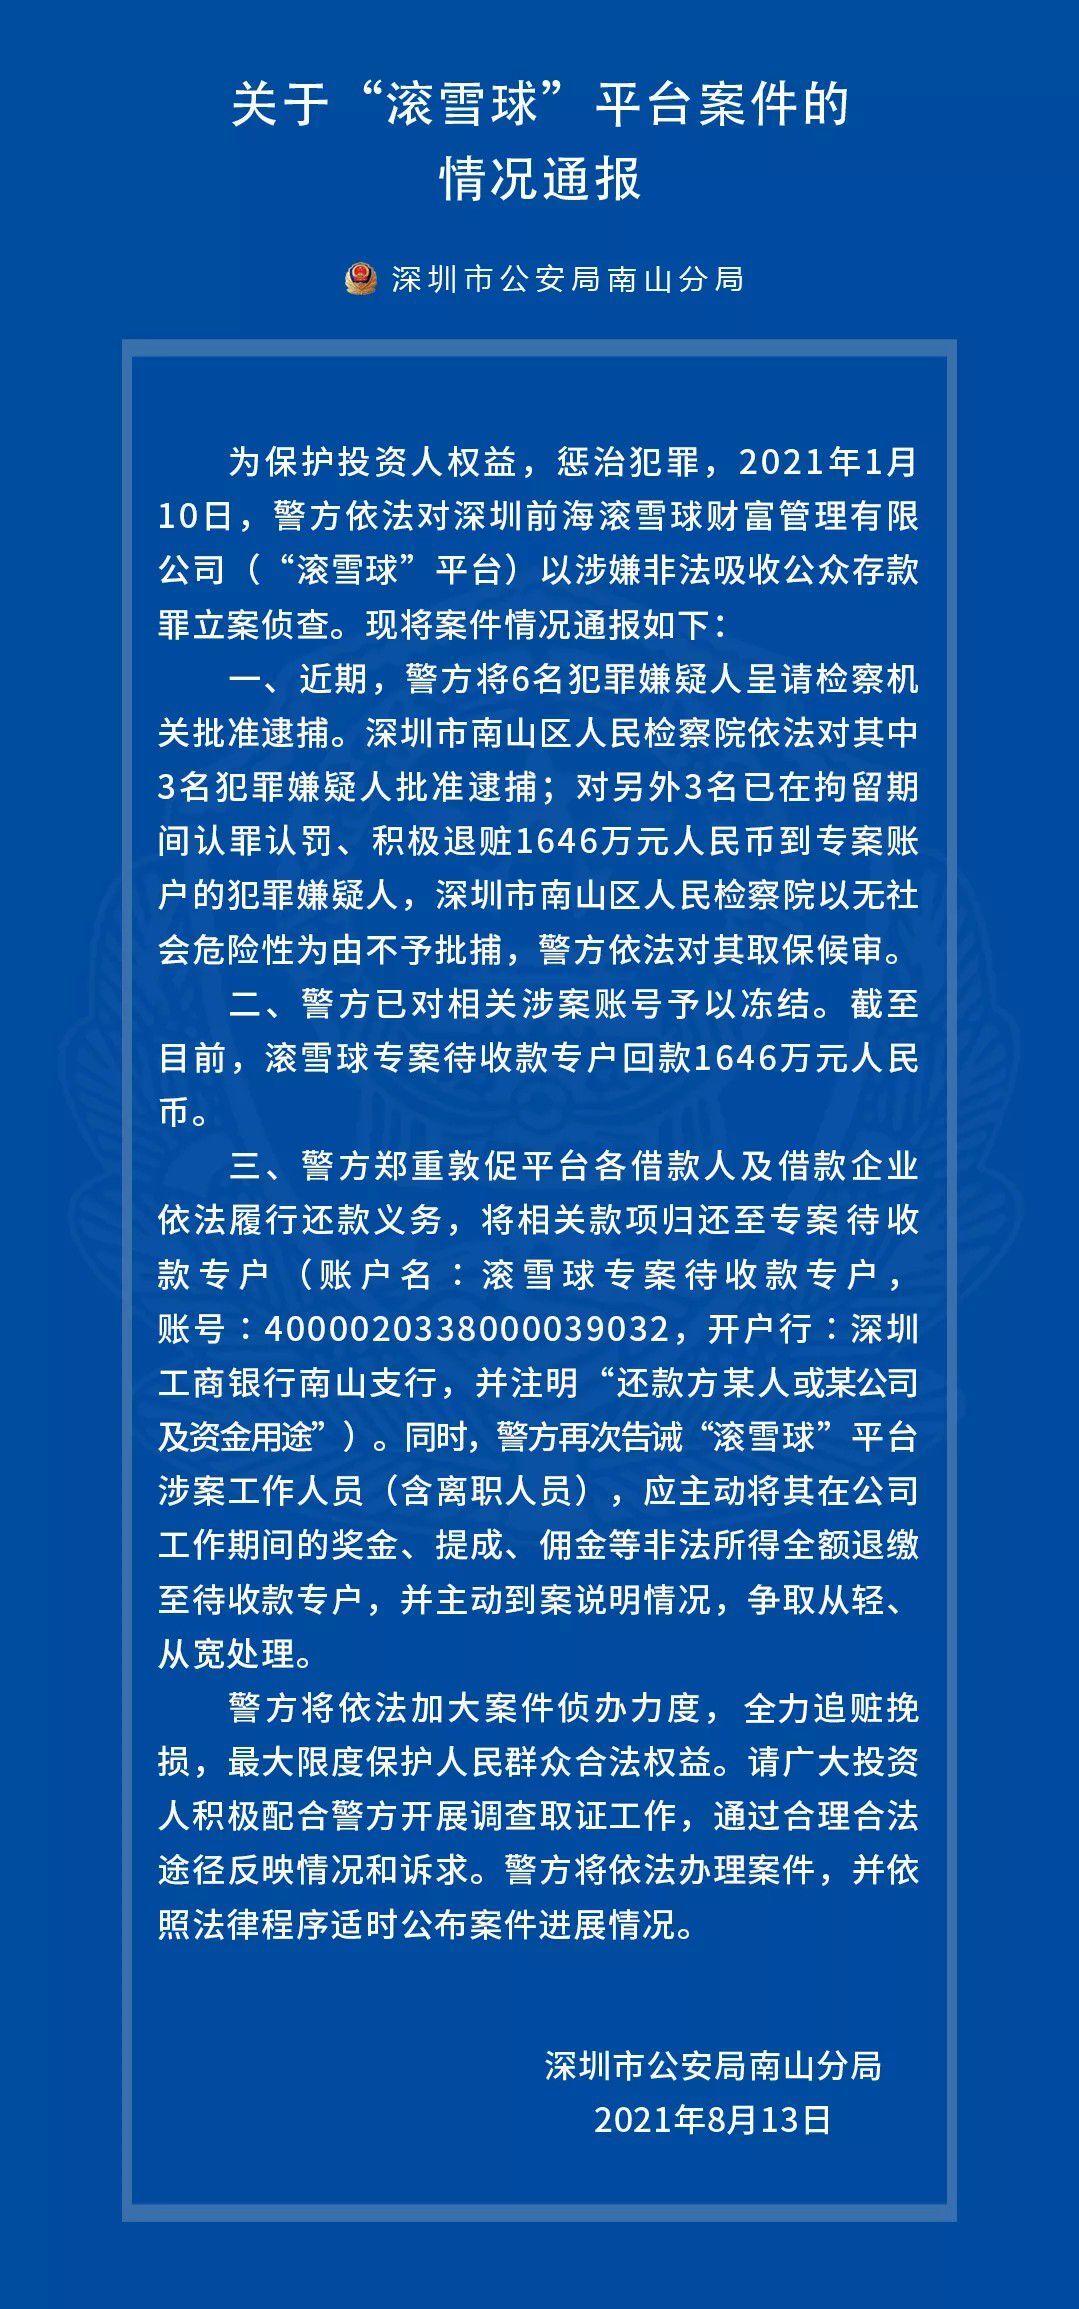 """深圳P2P平台""""滚雪球""""最新进展:6人已被逮捕 回款1646万元"""